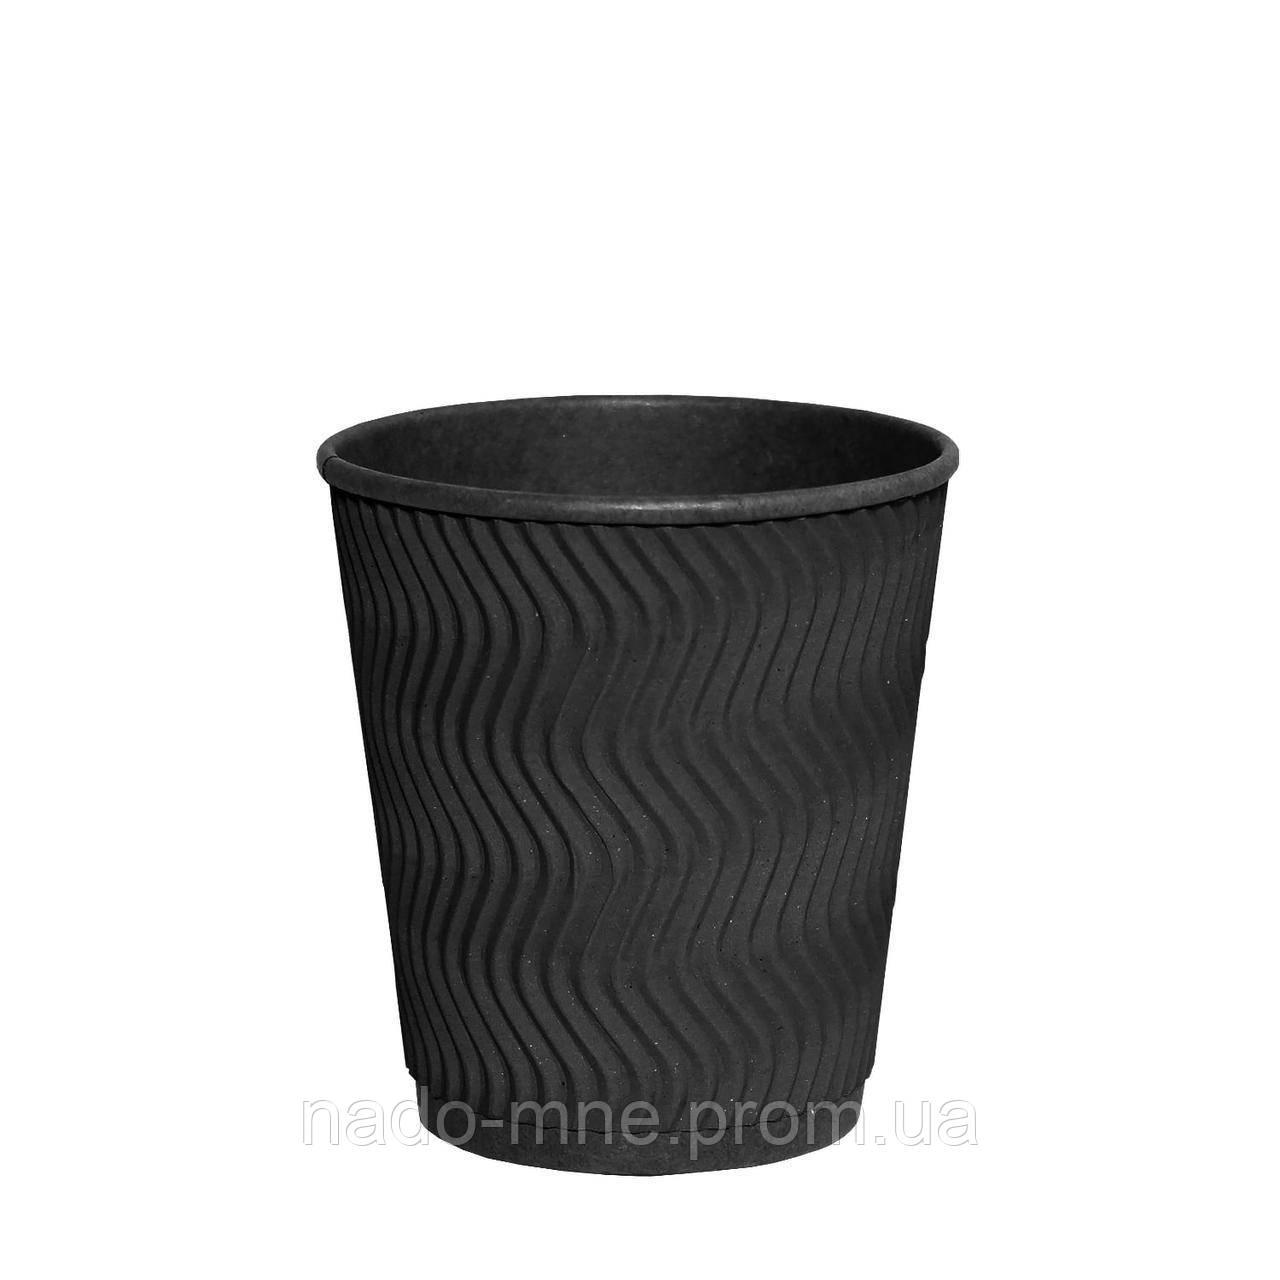 Стакан бумажный гофрированный Double Black волна 250мл. (8oz) 30шт/уп (1ящ/20уп/500шт) (КР81)